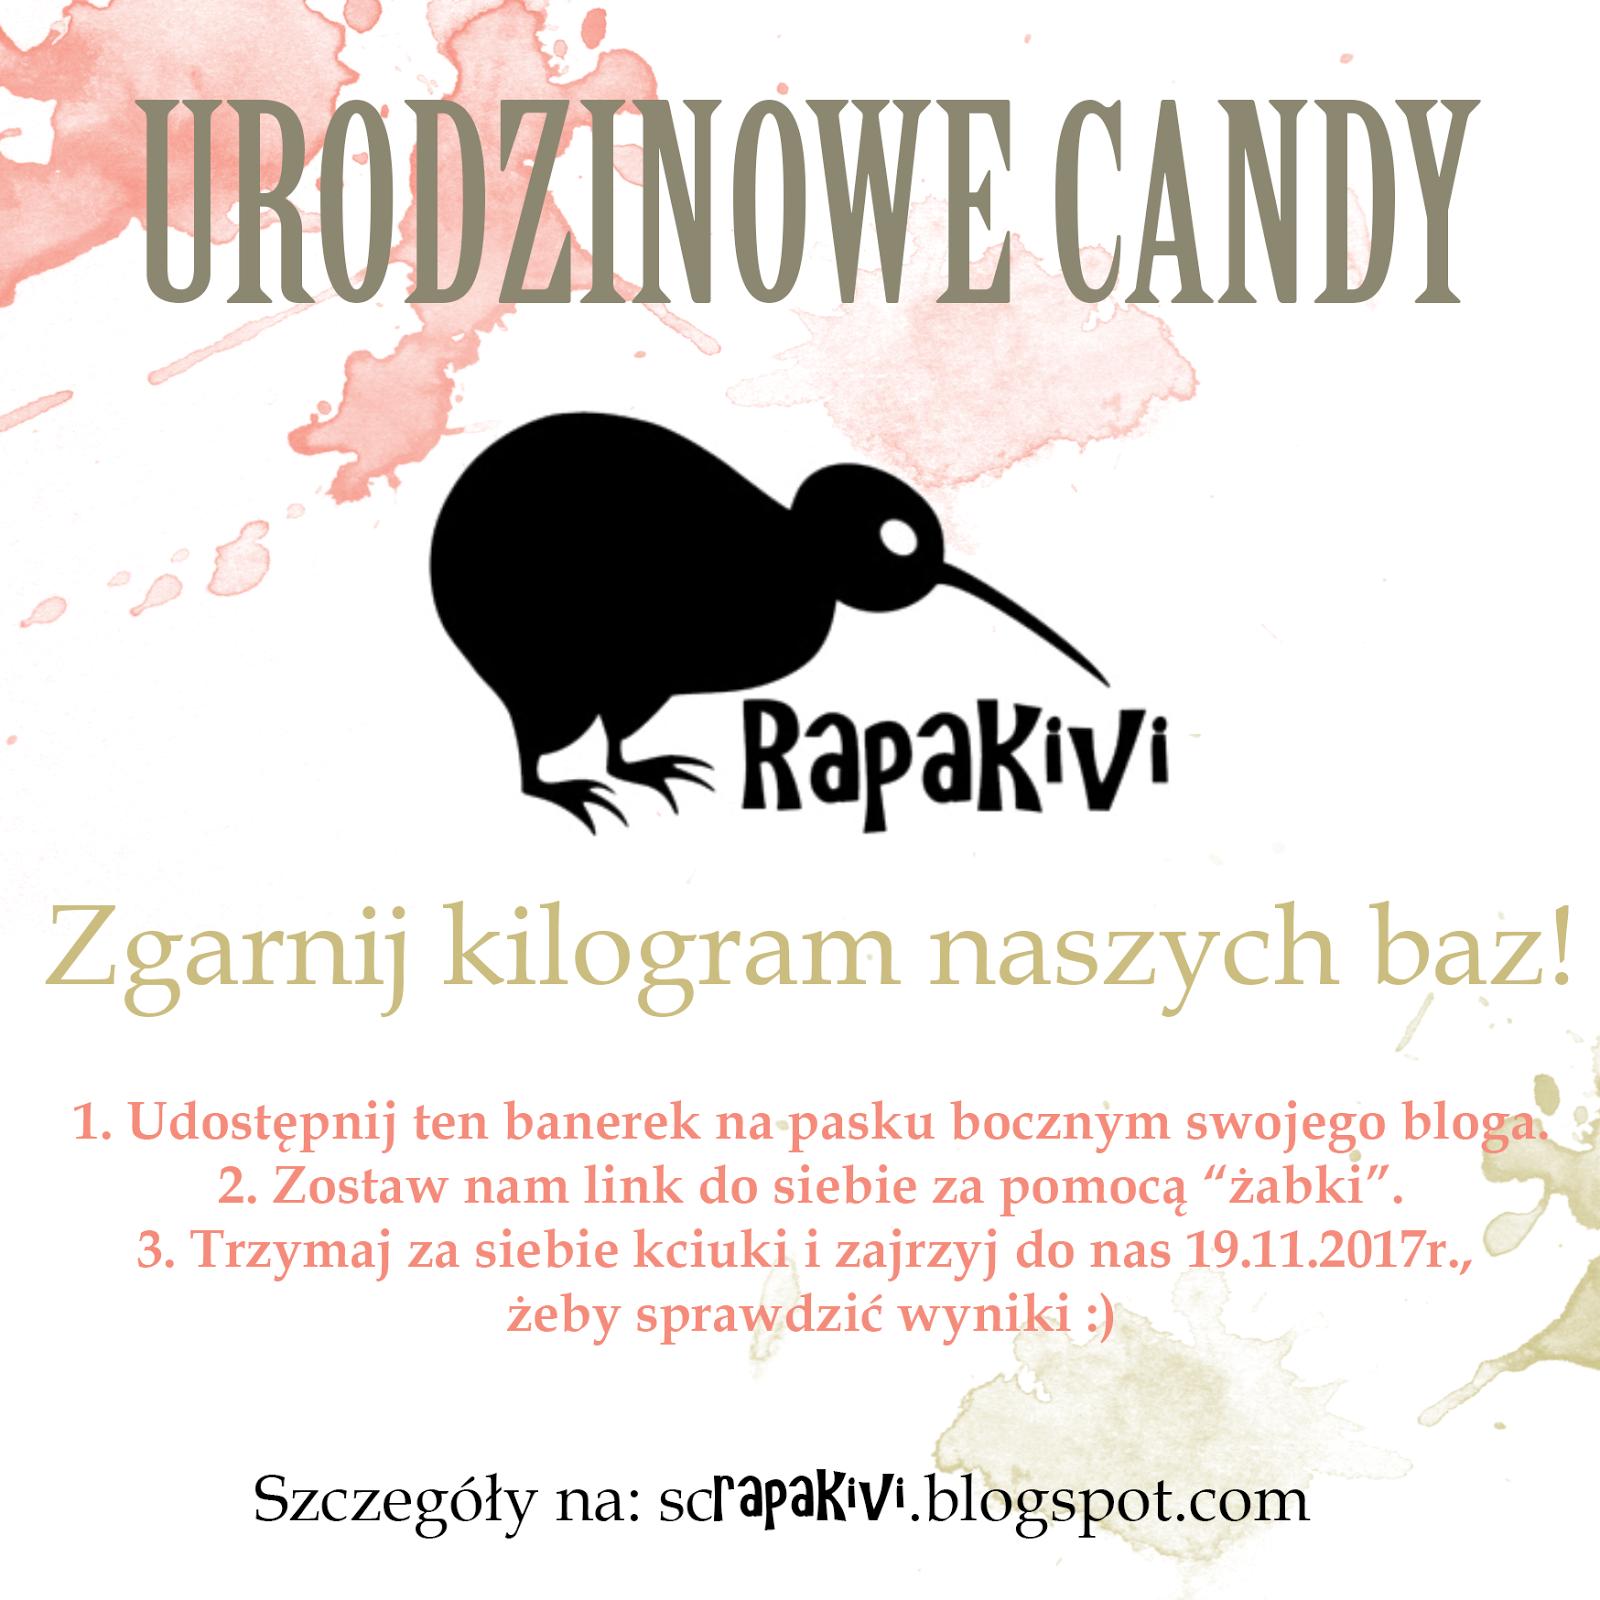 Urodzinowe CANDY Rapakivi